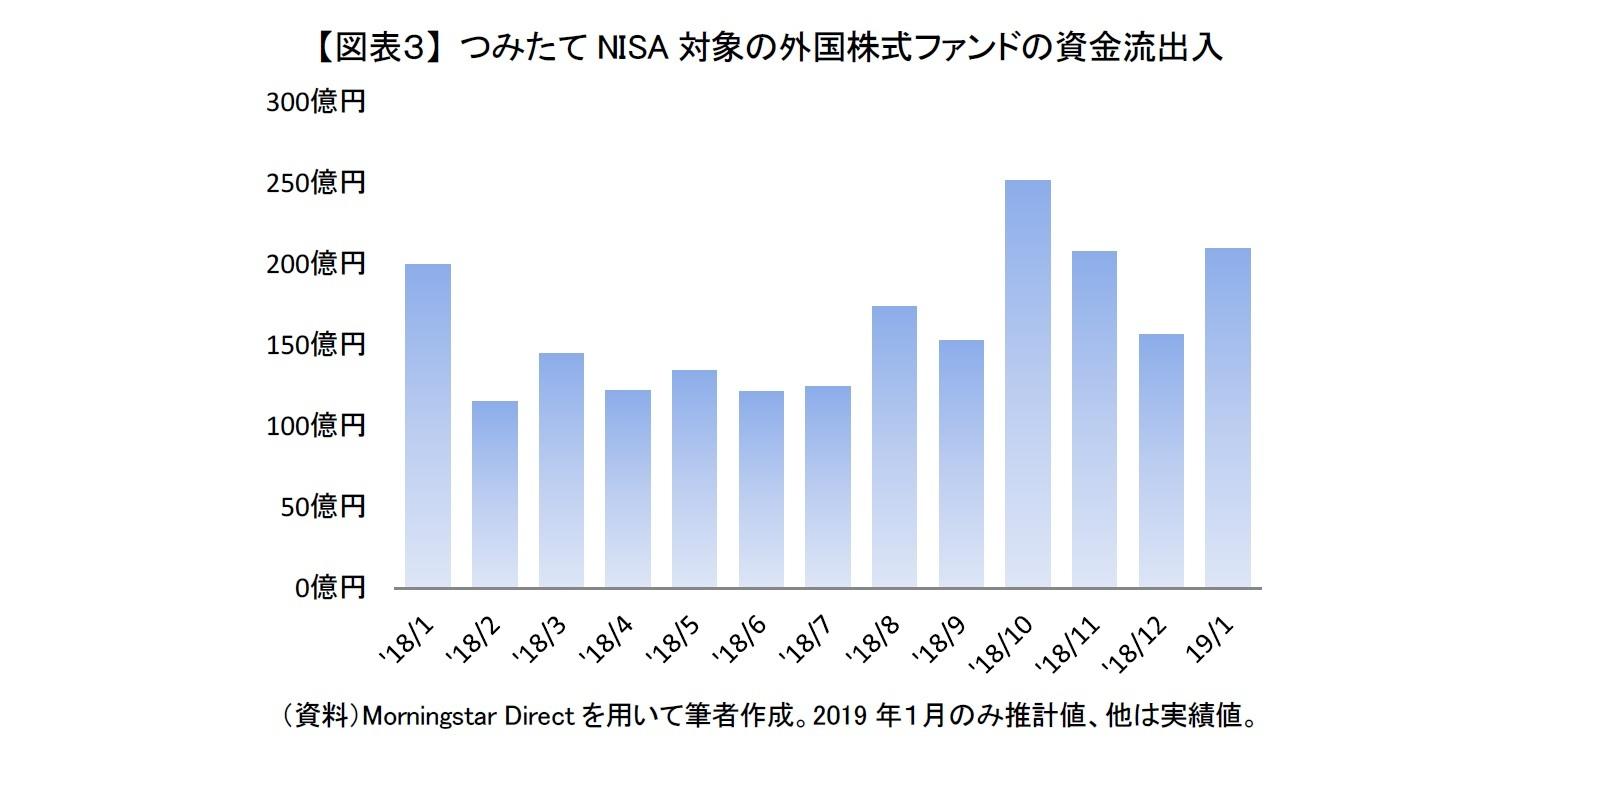 【図表3】 つみたてNISA対象の外国株式ファンドの資金流出入